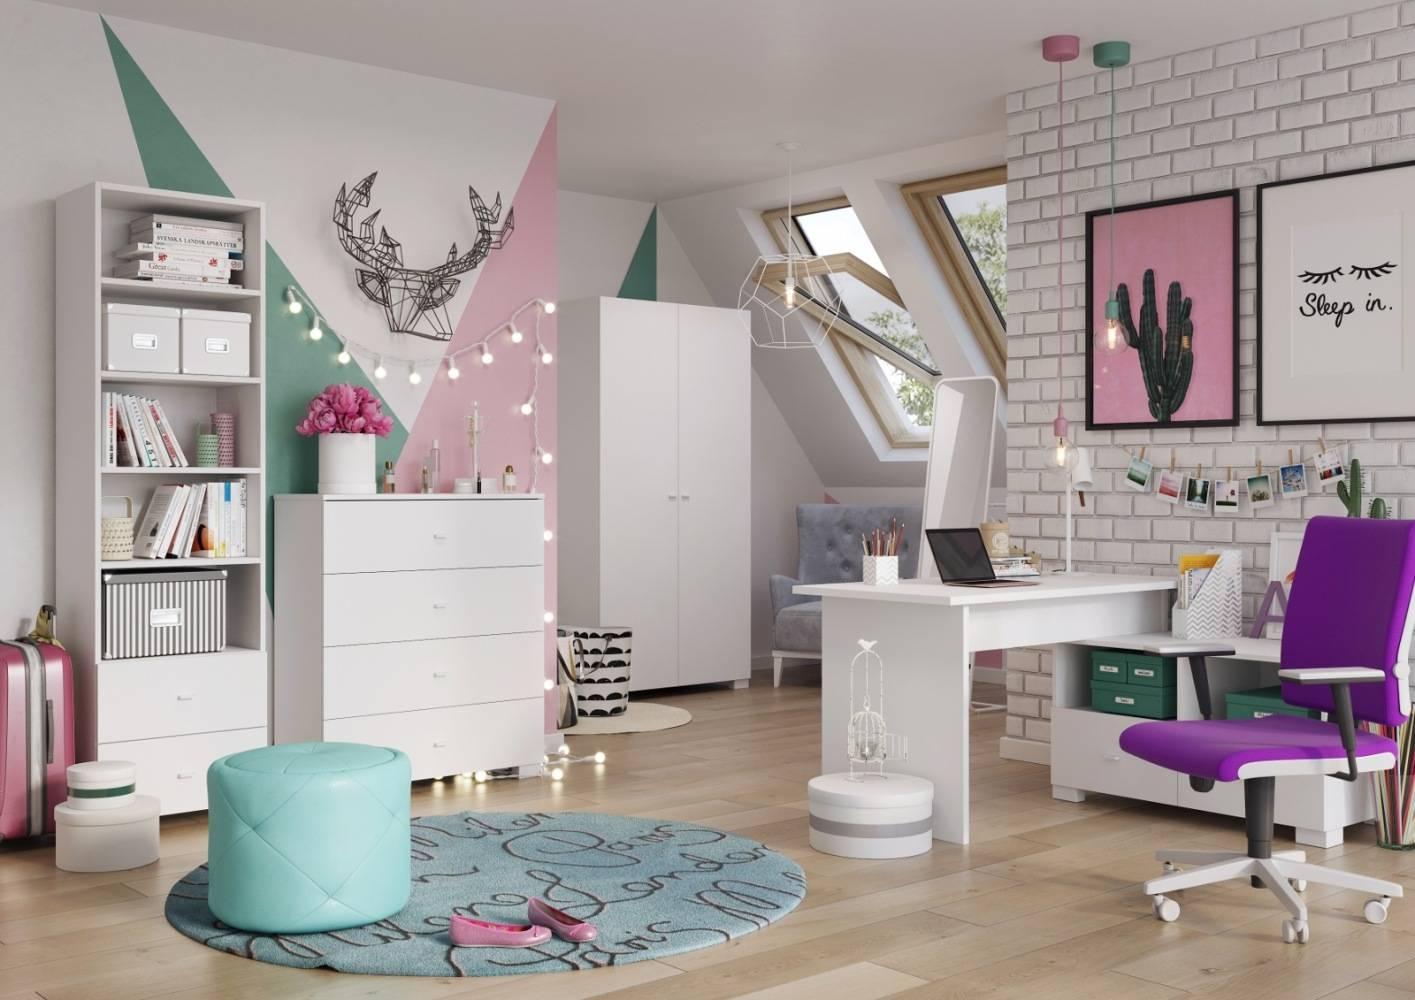 Рекомендации по выбору мебели в детскую комнату школьника